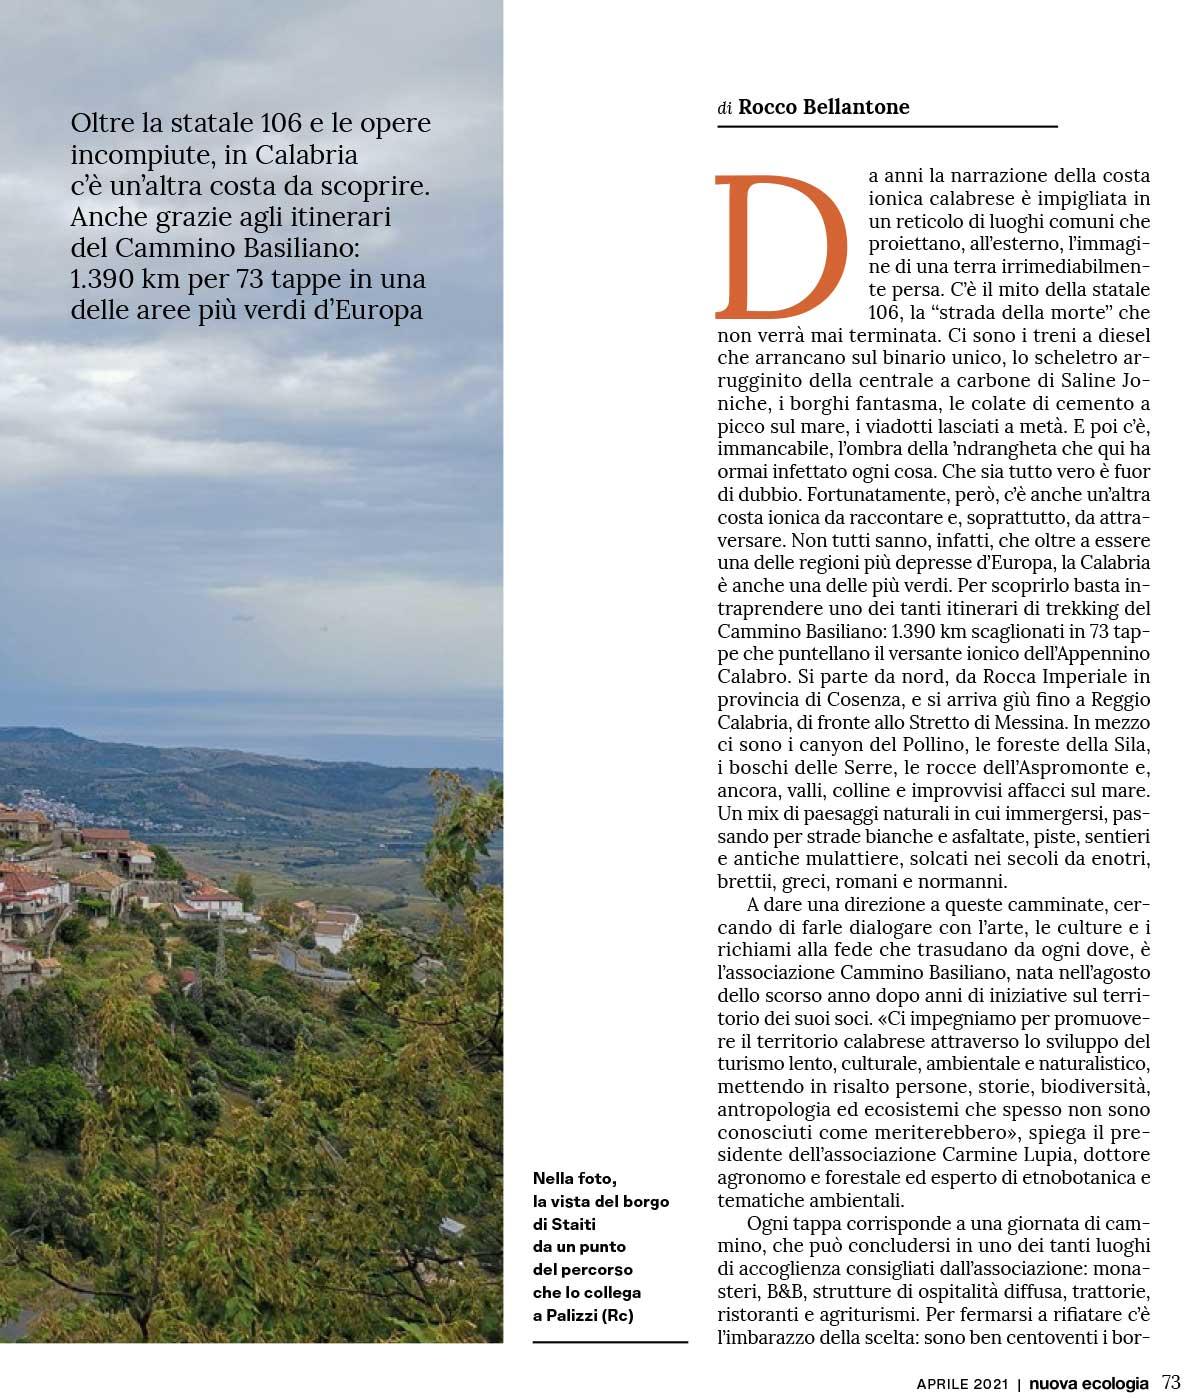 Rassegna Stampa Cammino Basiliano: La Nuova Ecologia